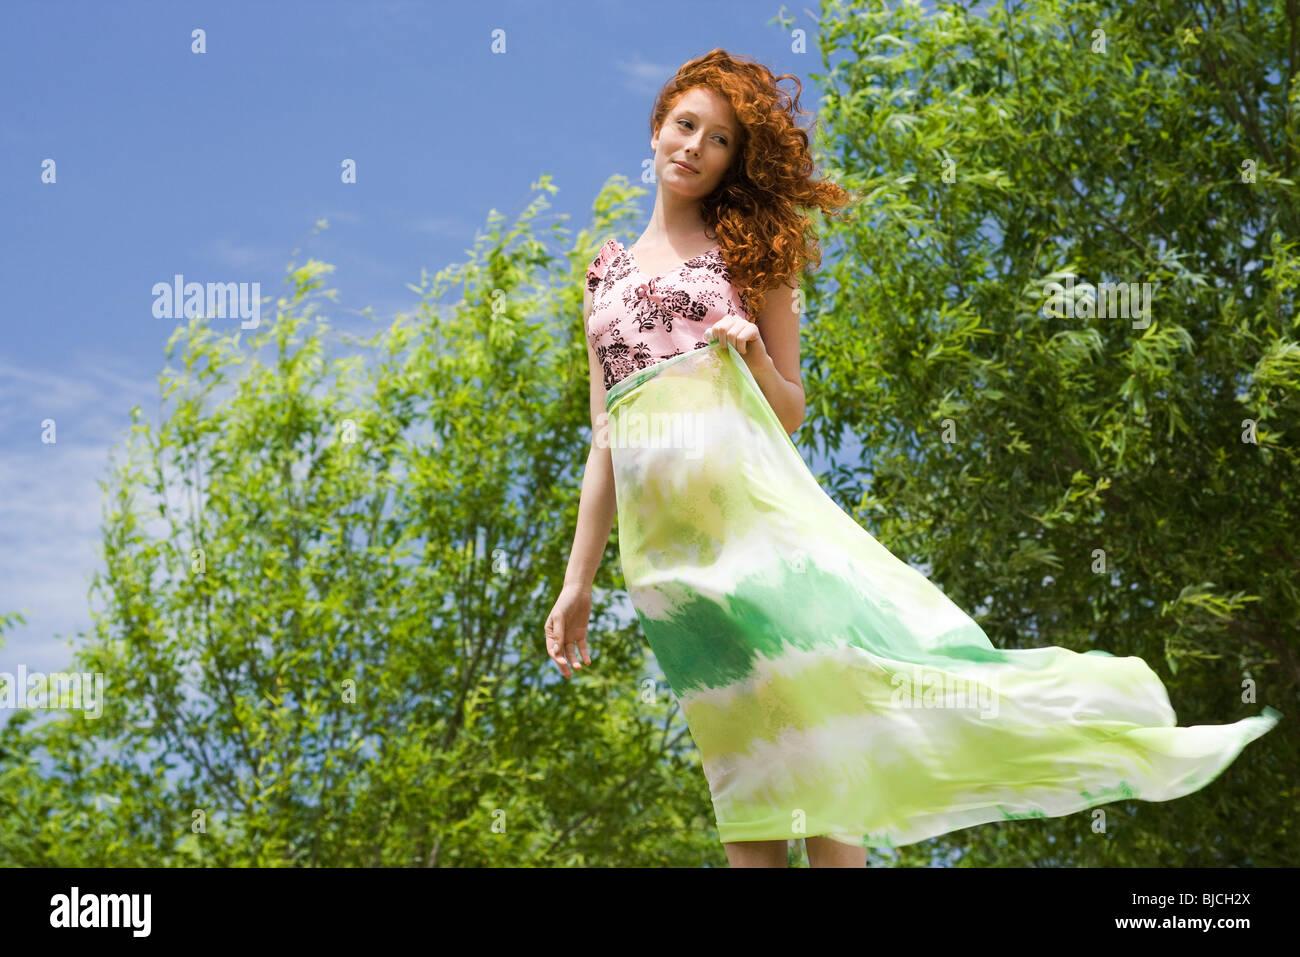 Junge Frau im Freien stehen, halten Schal im wind Stockfoto